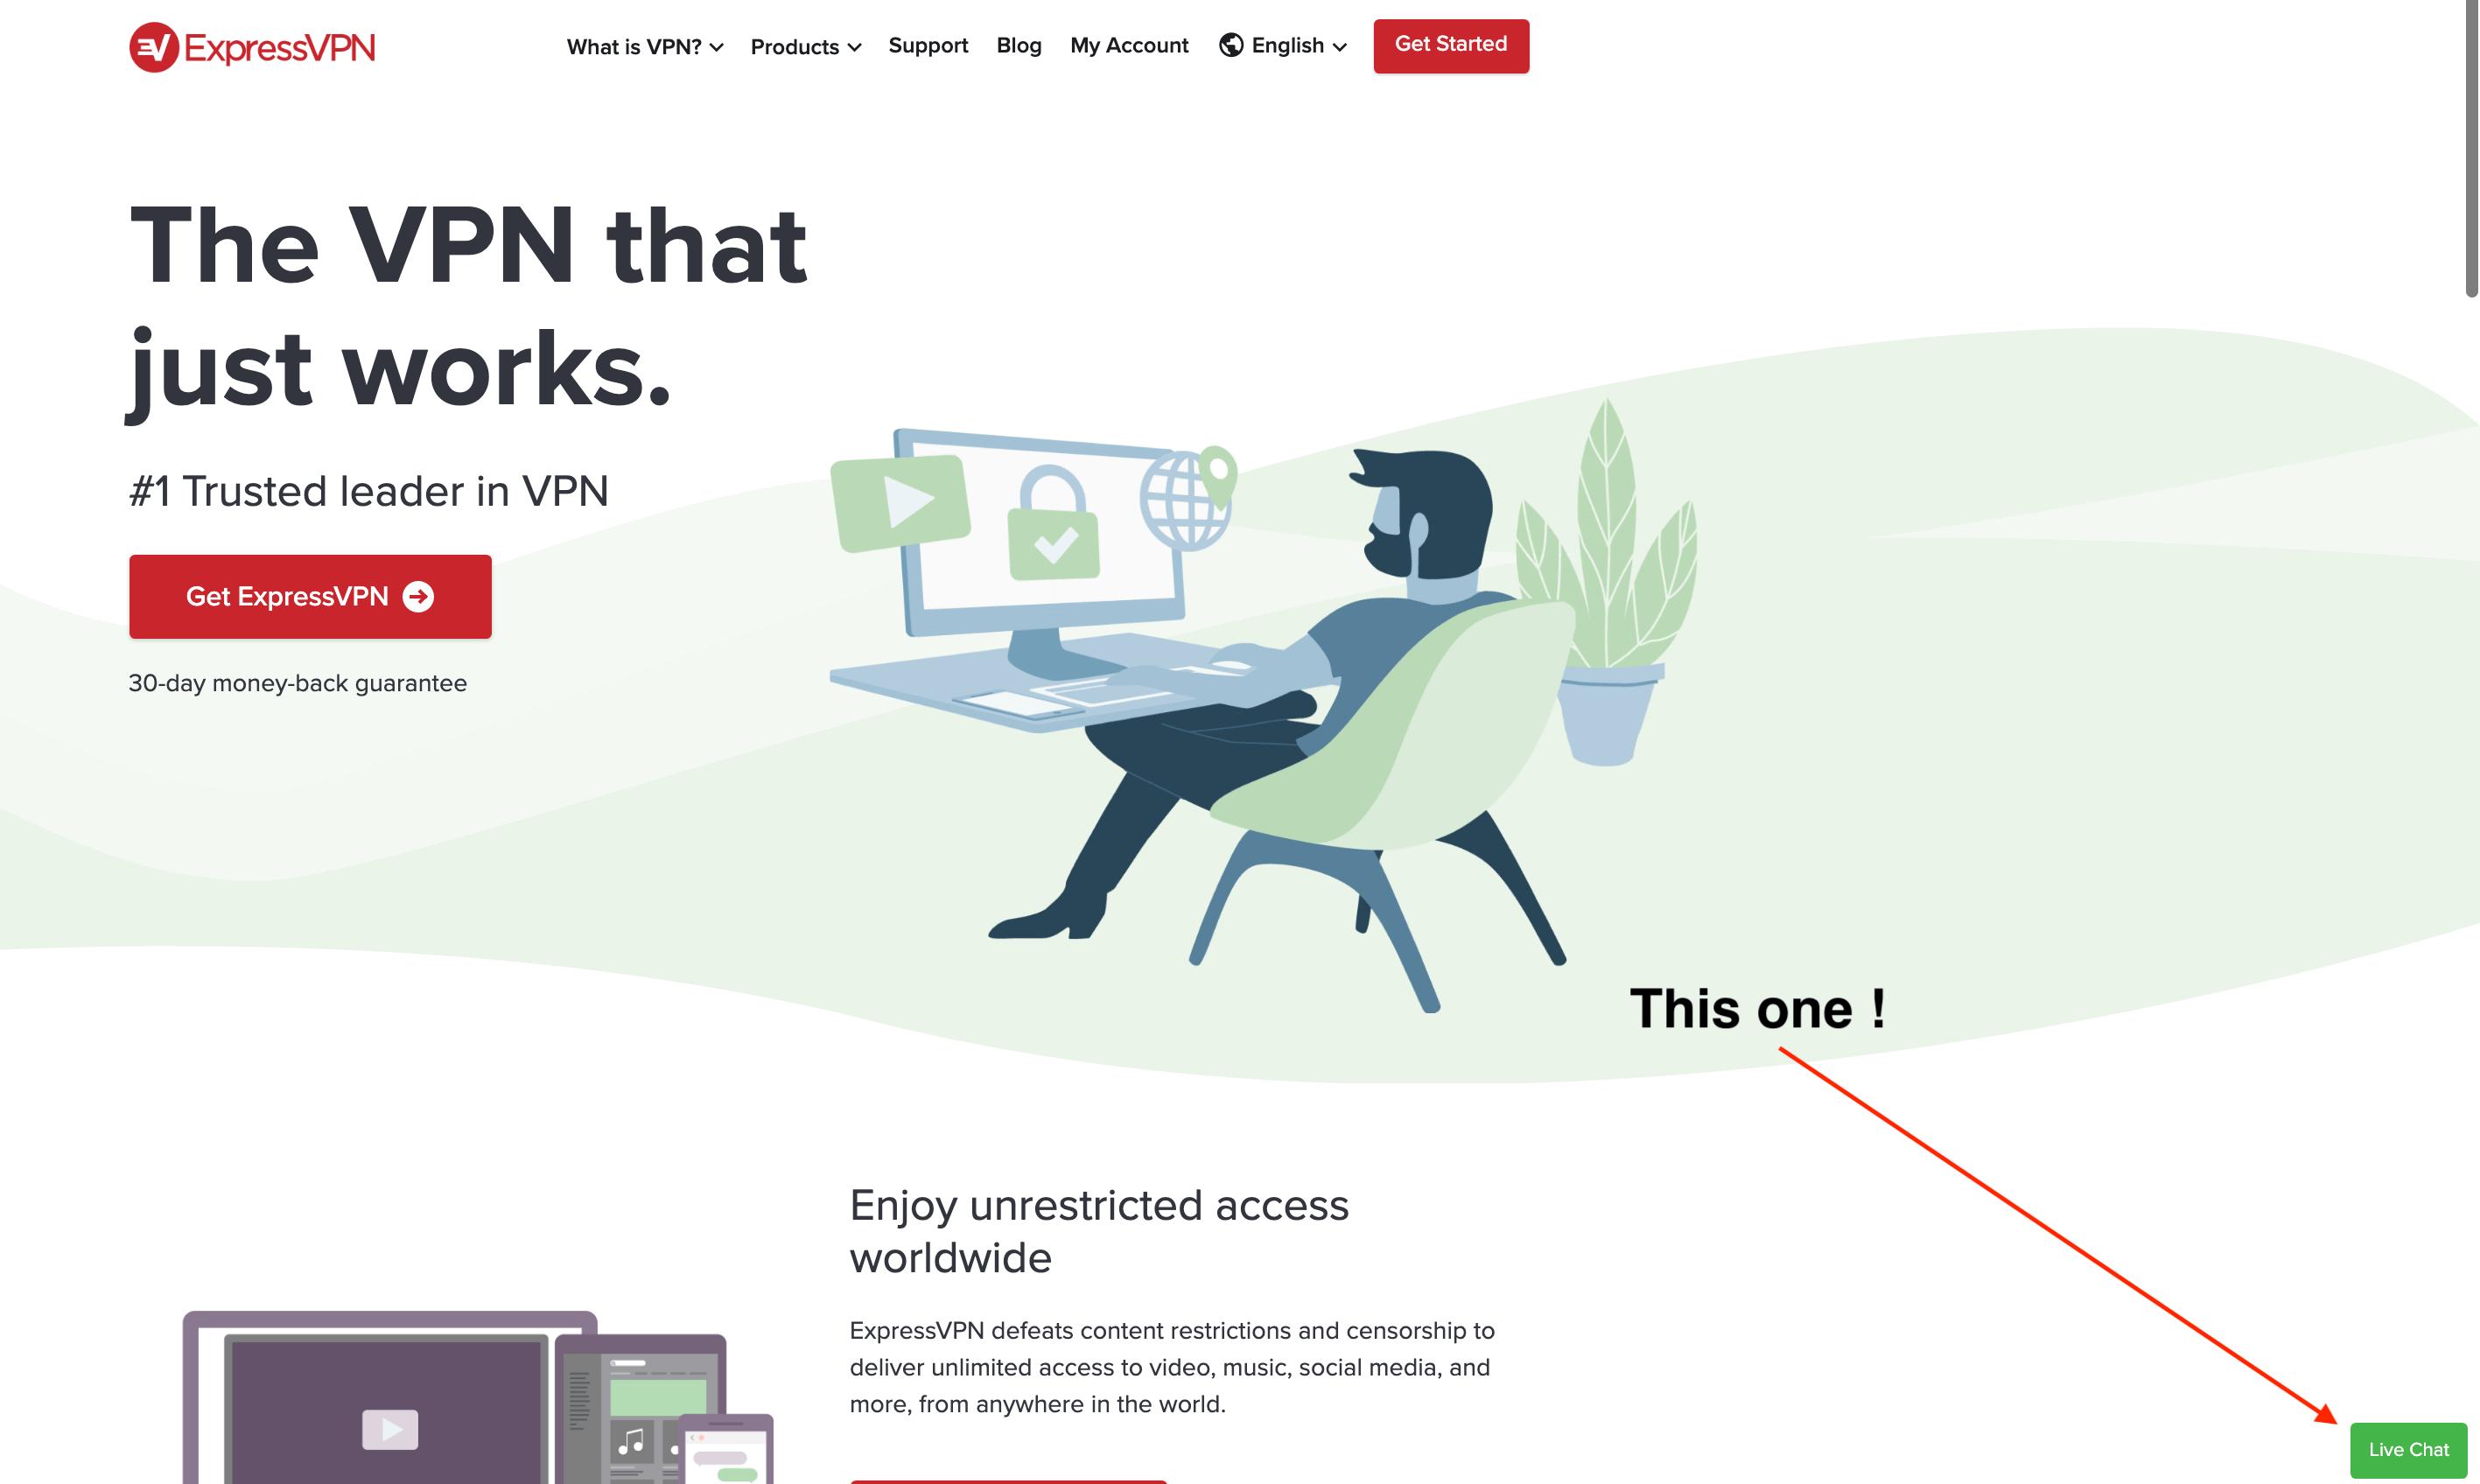 ExpressVPN refund